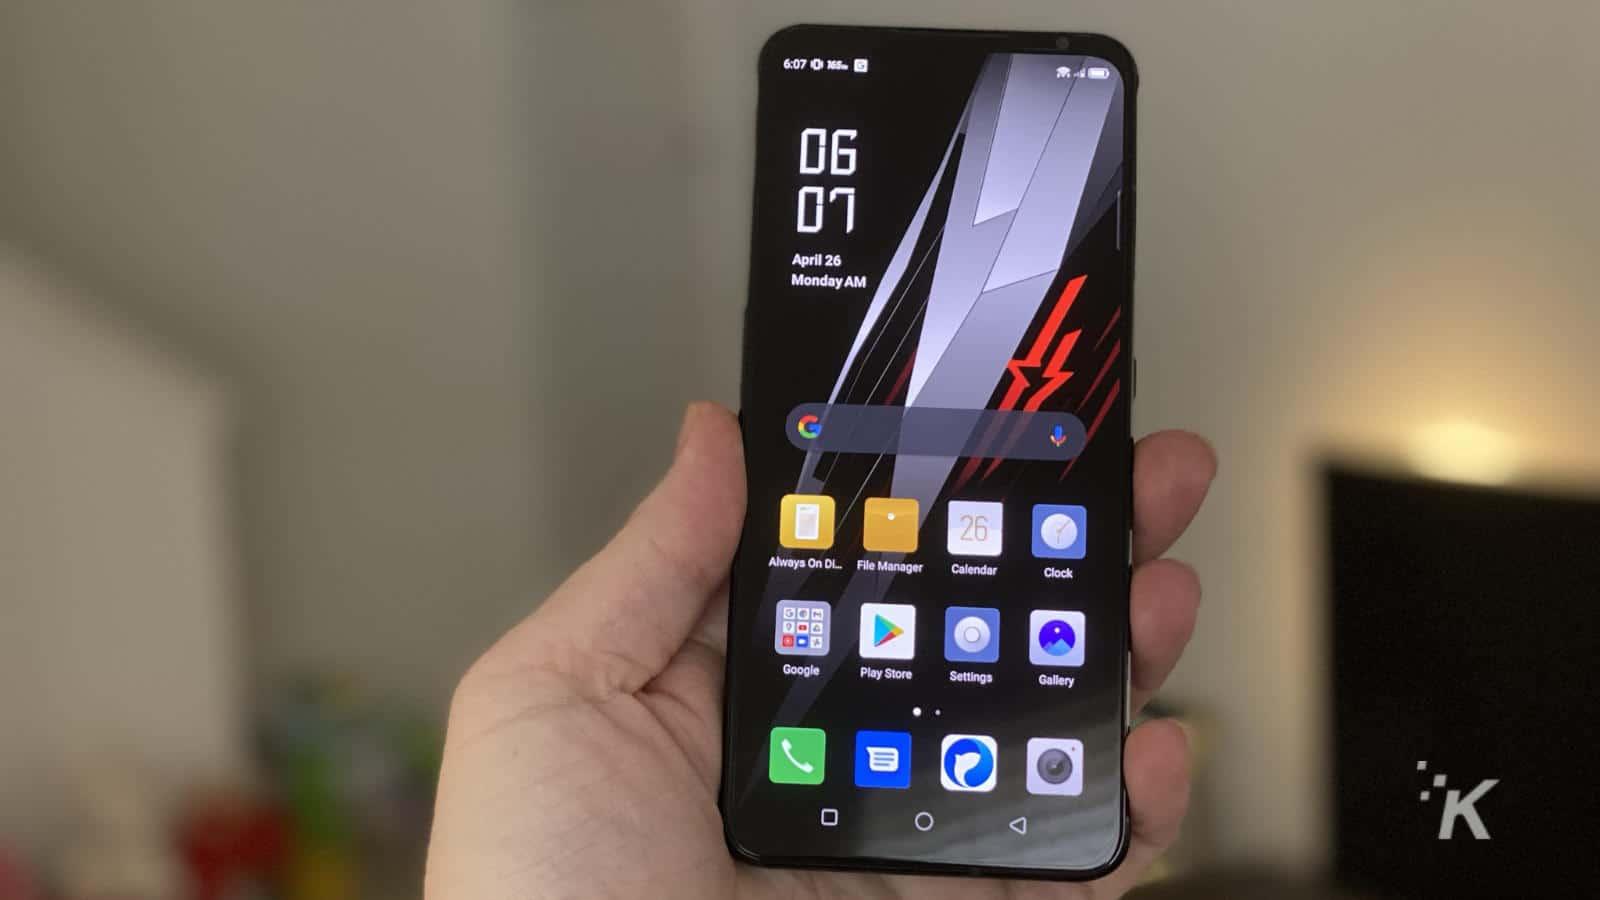 redmagic 6 gaming smartphone